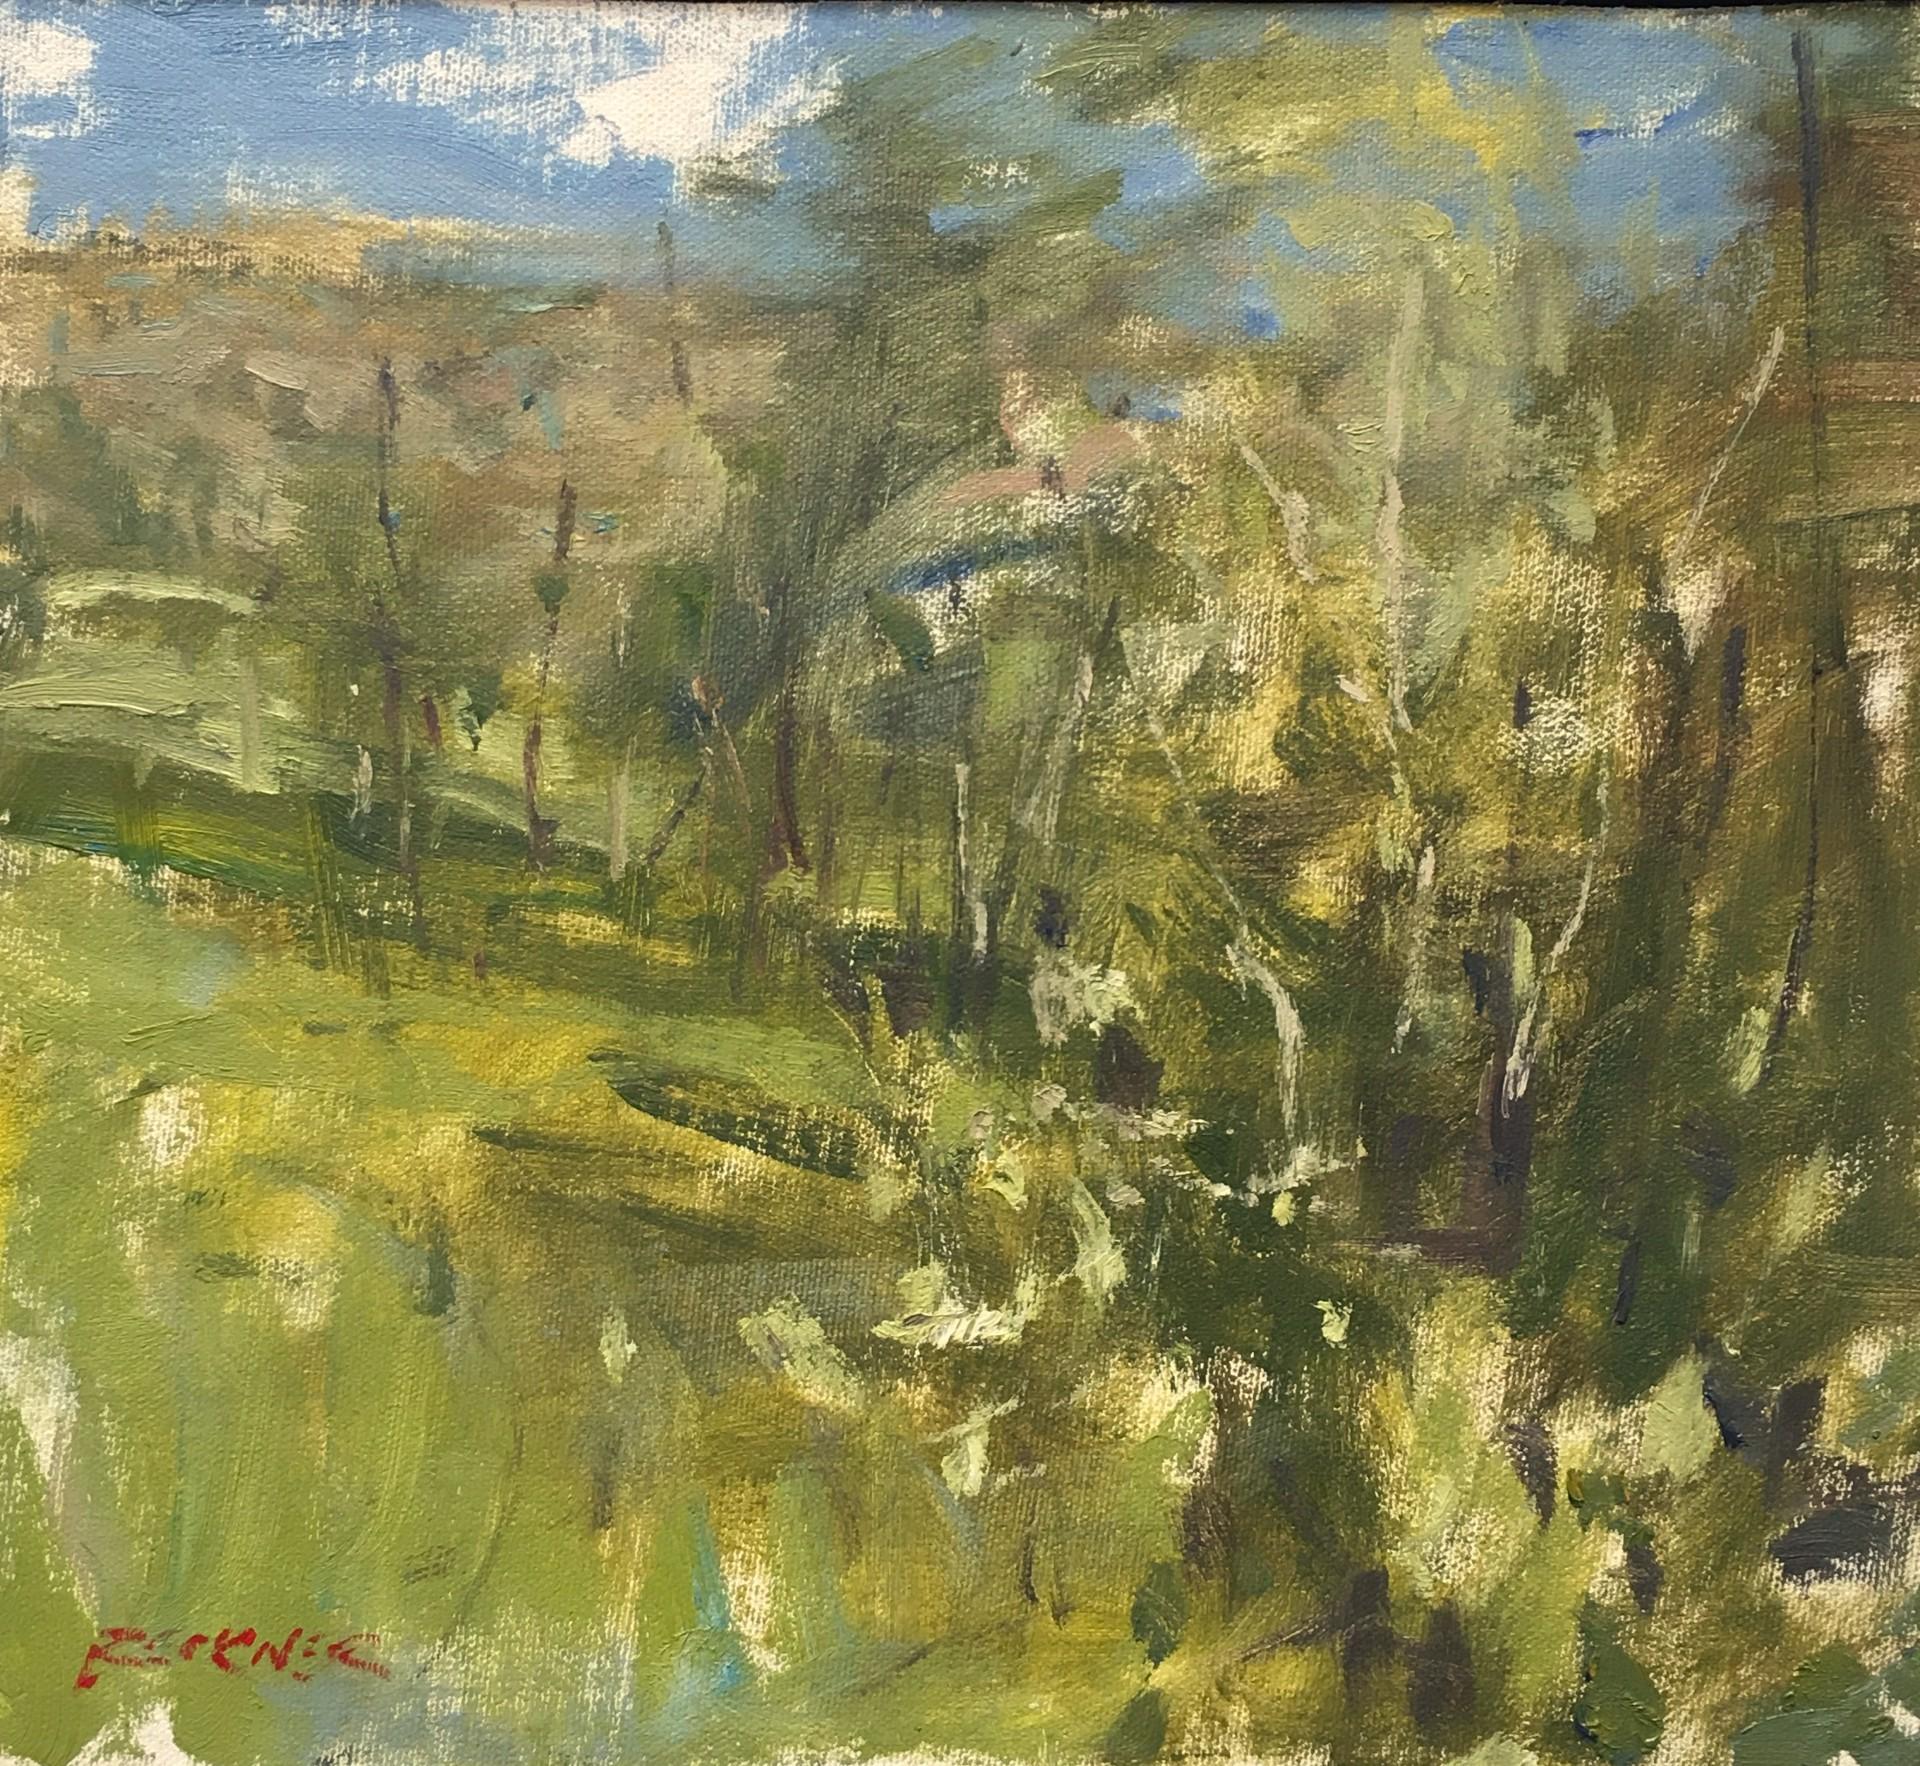 Meadow by Jim Beckner